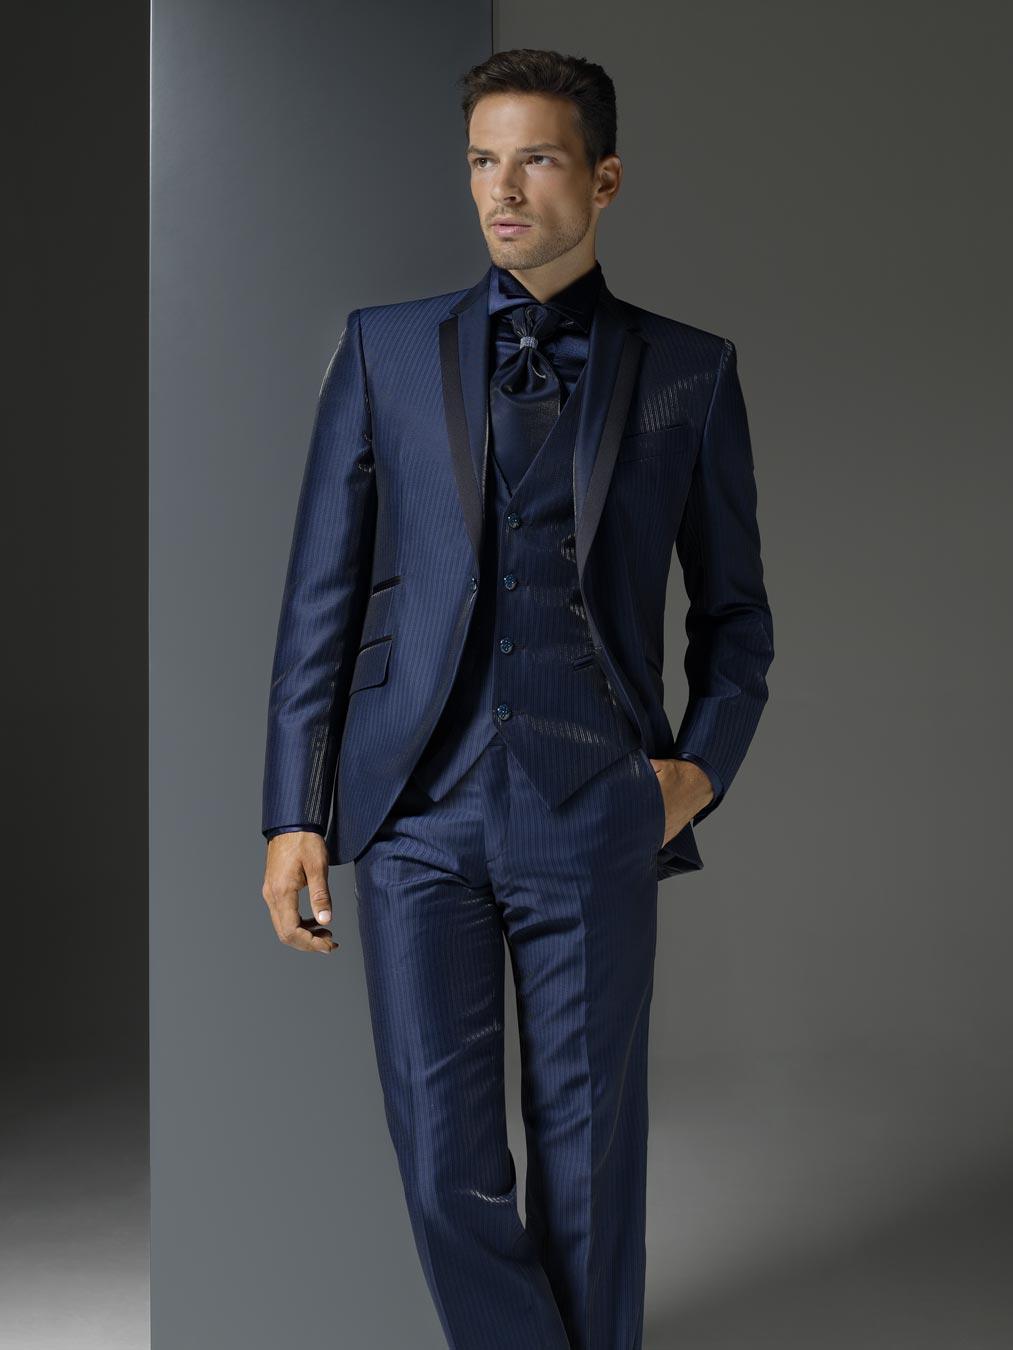 Vestito Matrimonio Uomo Affitto : Vestito da sposa uomo migliore collezione inspiration